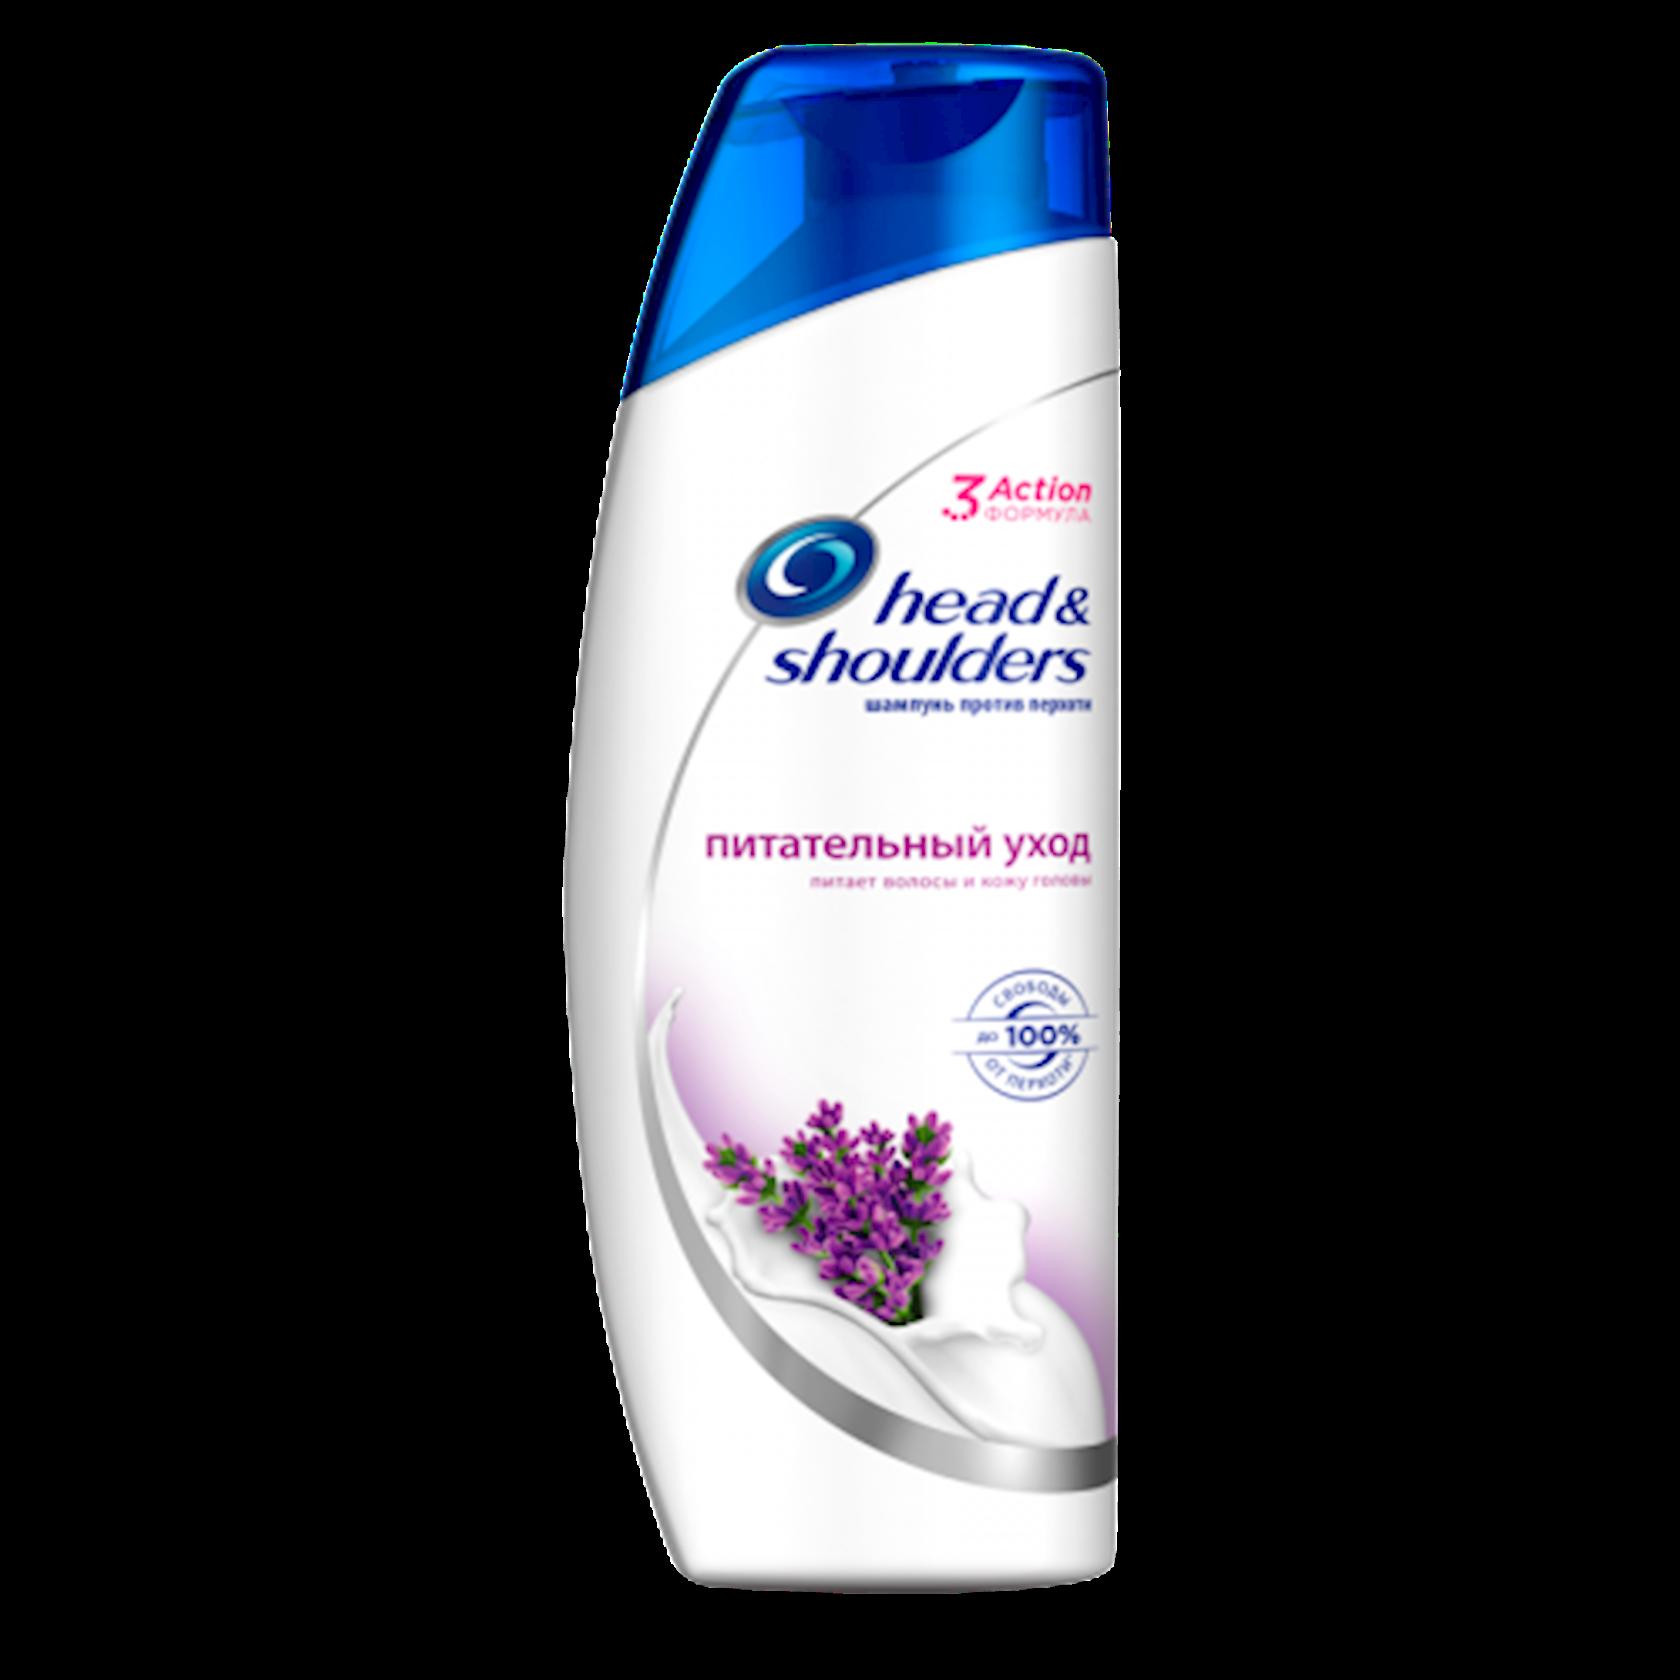 Şampun kəpəyə qarşı qidalandırıcı qulluq Head & Shoulders 200 ml